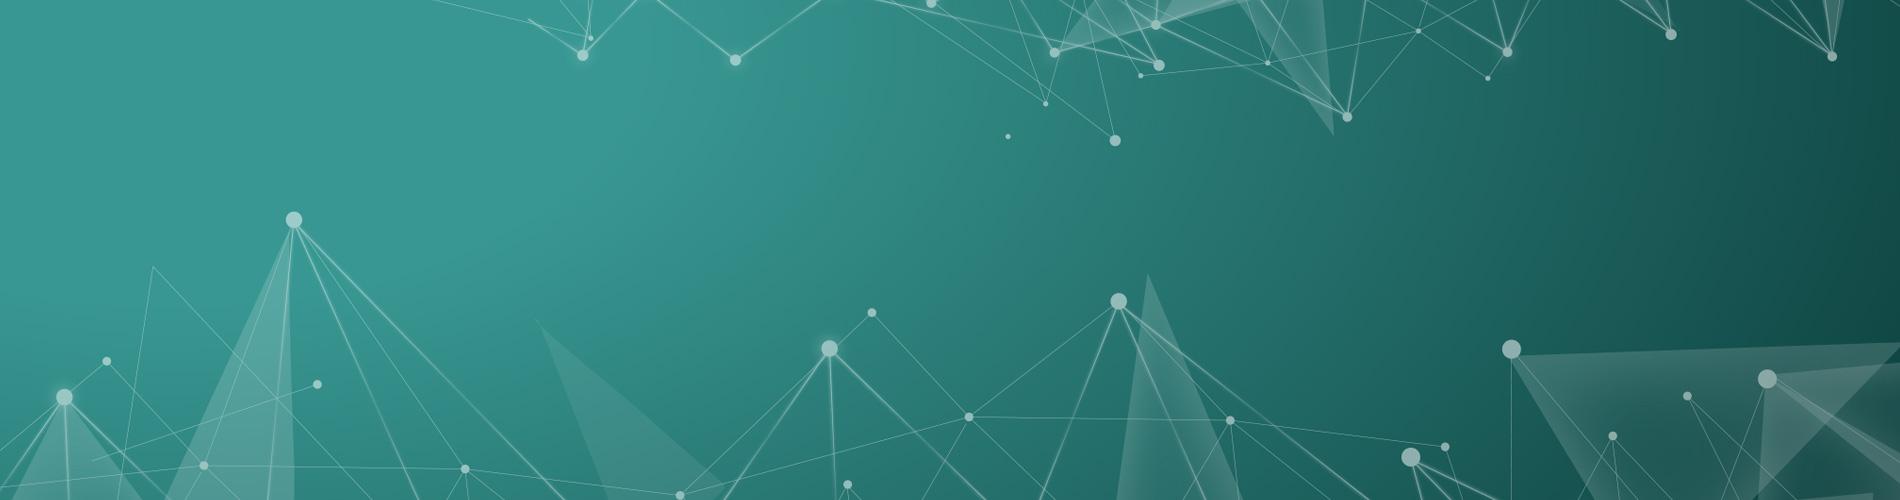 banner sviluppa applicazione mobile